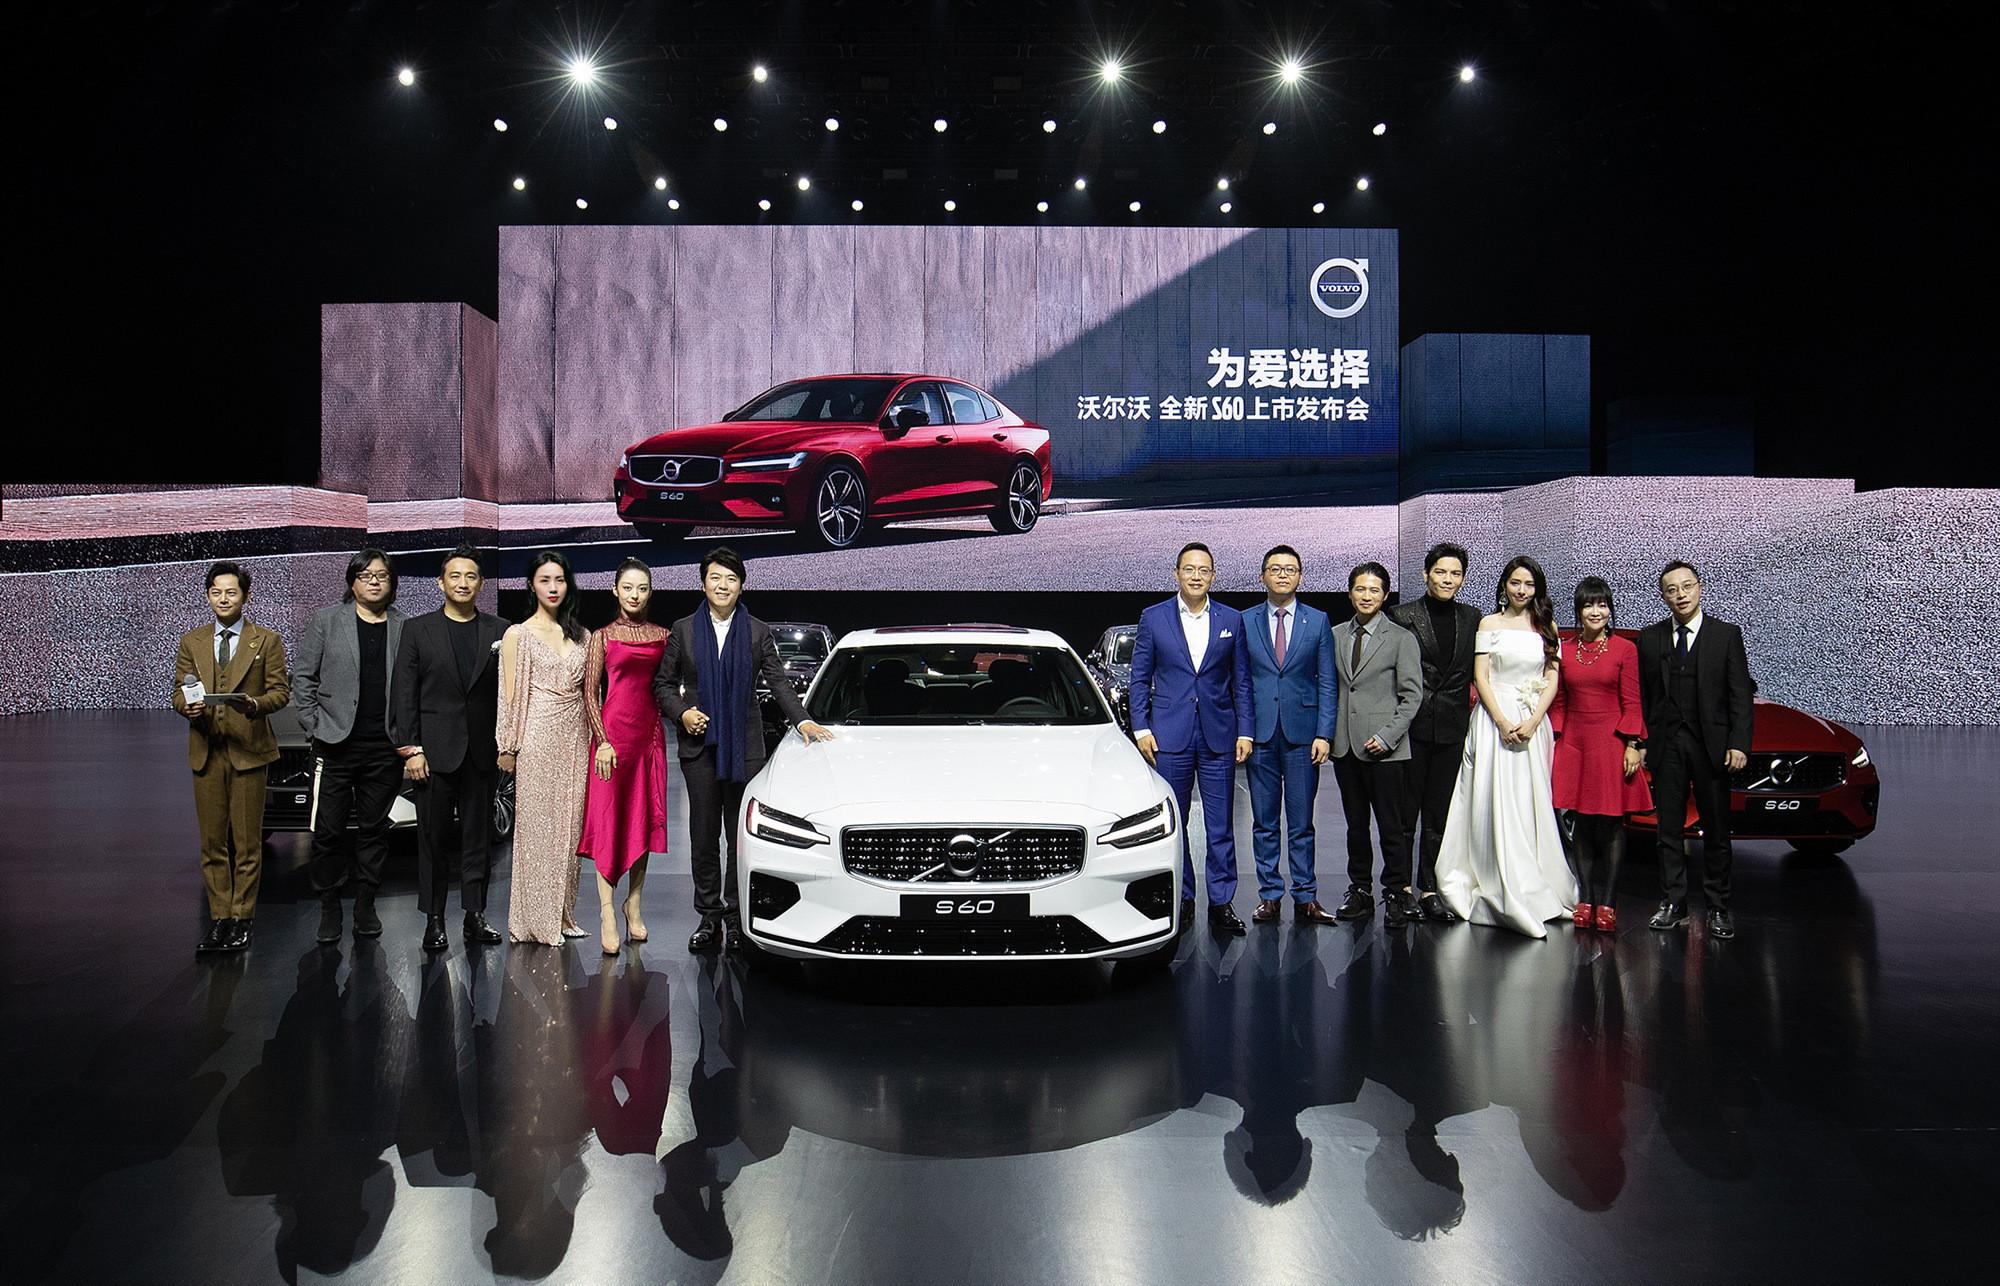 沃尔沃更新轿车销量担当,全新S60起售价28.69万元